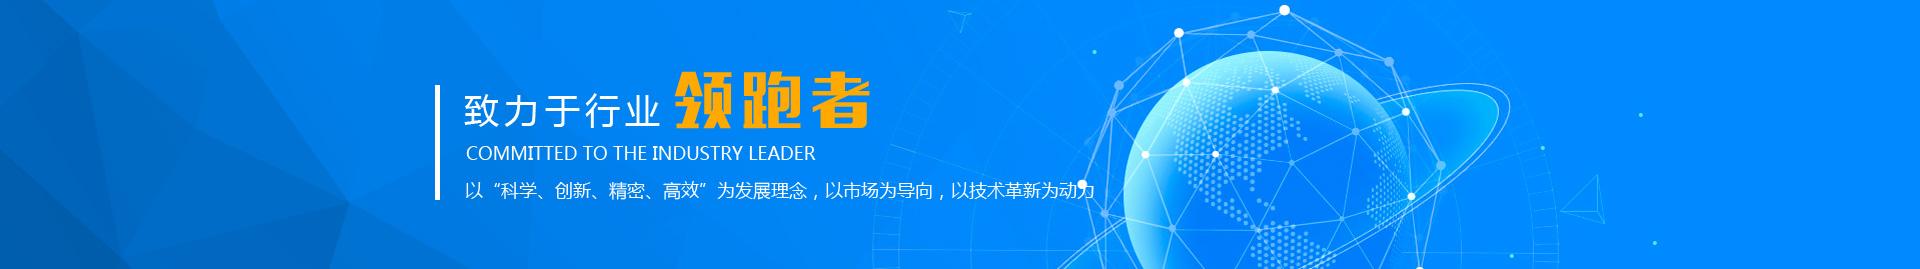 智能必威电竞官方网站